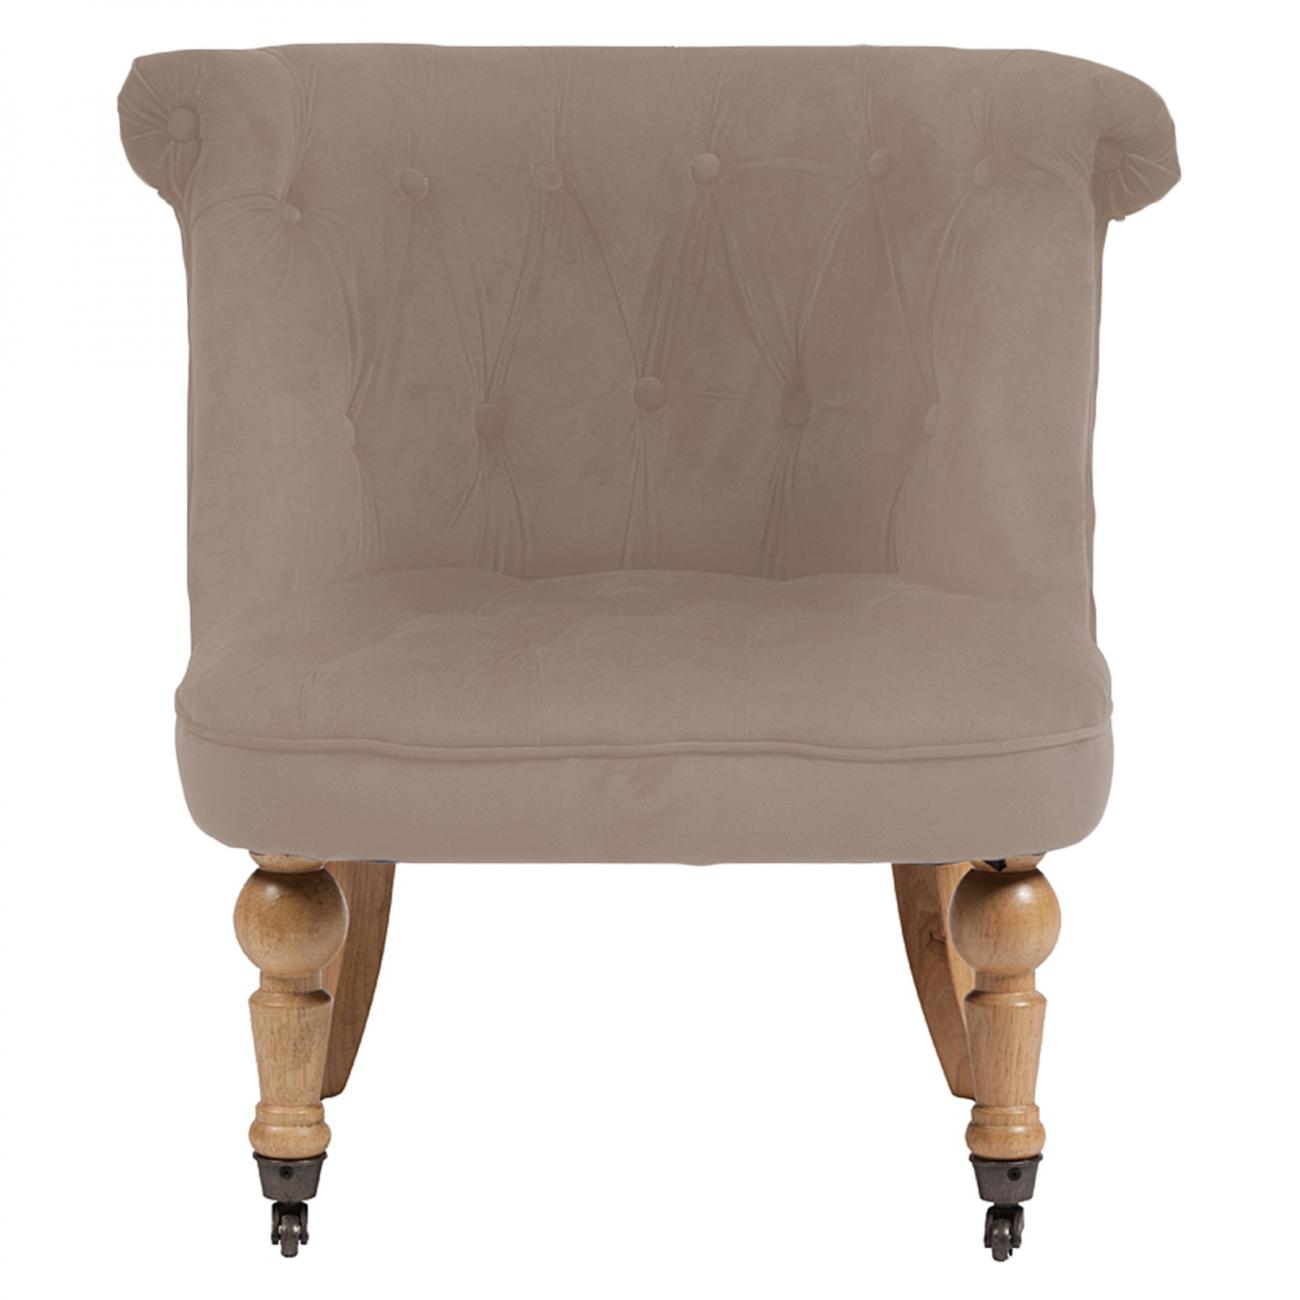 Купить Кресло Amelie French Country Chair Бежевый Велюр в интернет магазине дизайнерской мебели и аксессуаров для дома и дачи